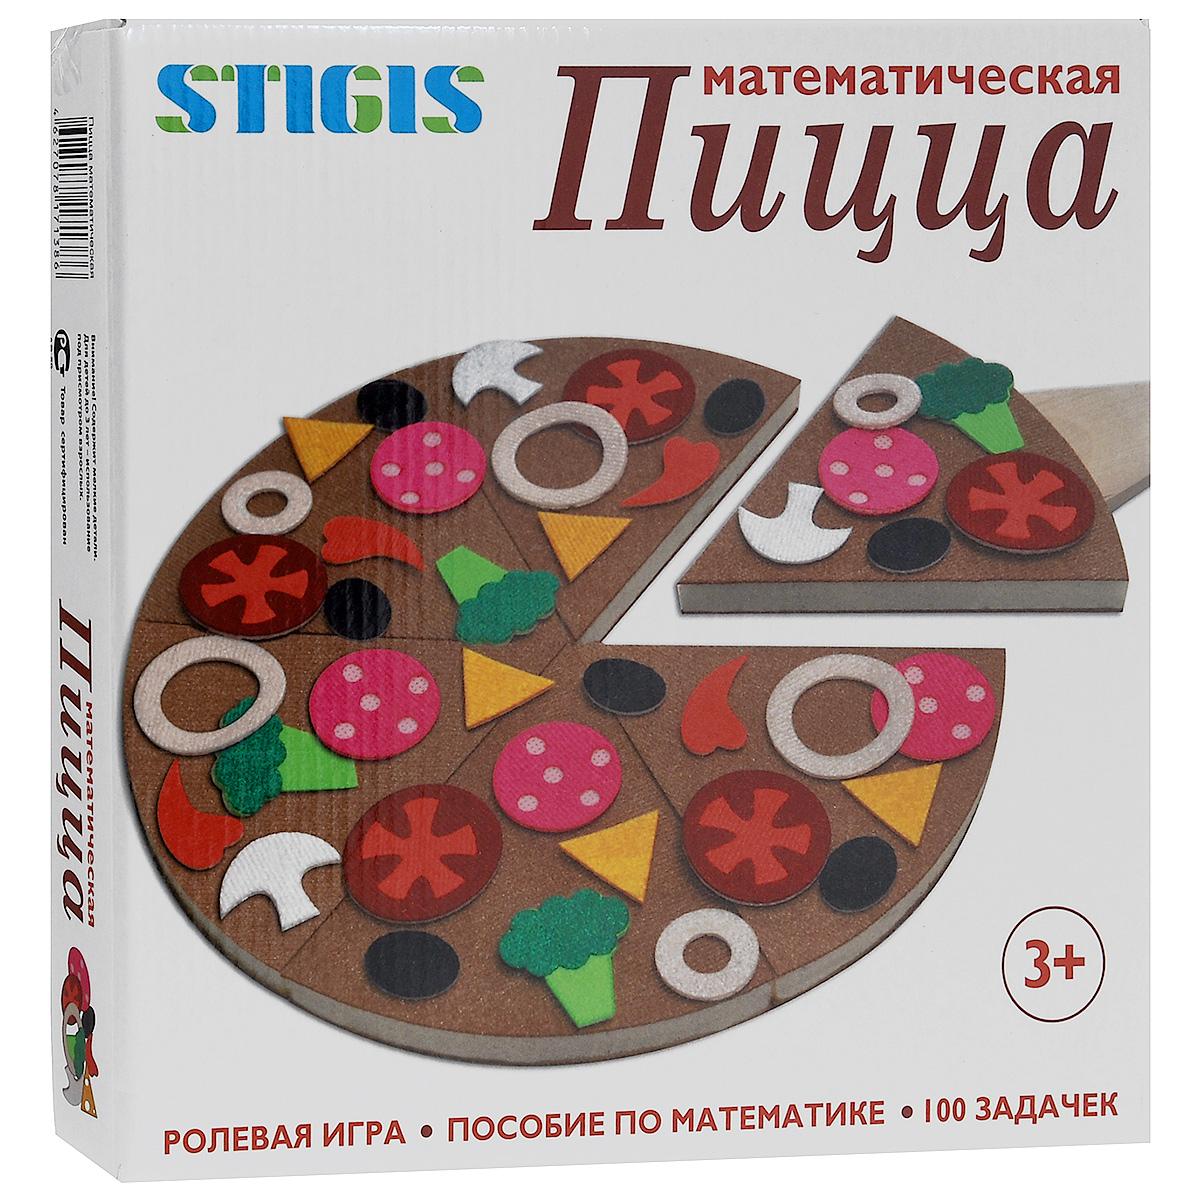 Пицца из ткани своими руками для игры